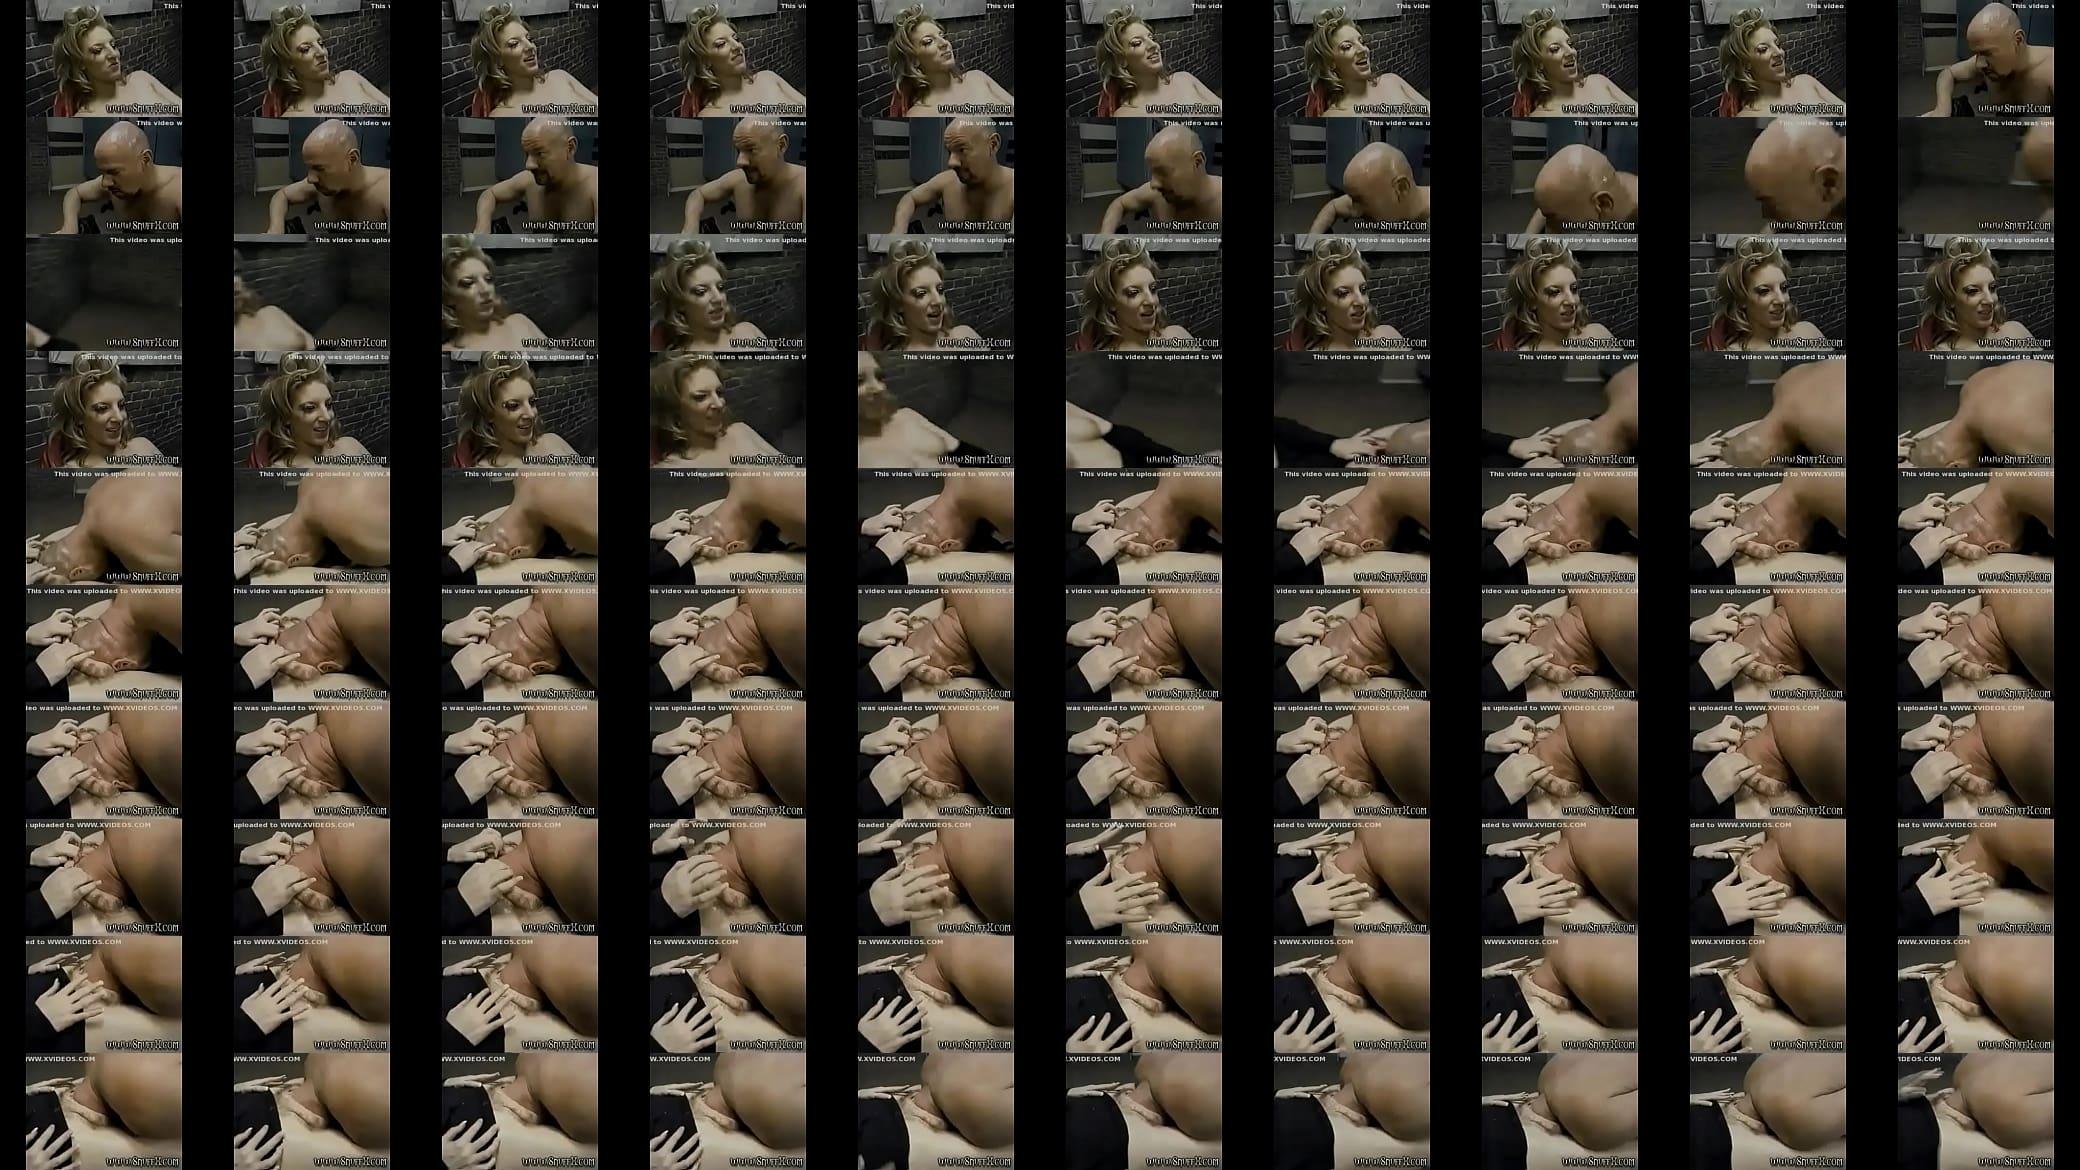 Cabezas Metiendose En Coños Free Porn mi cabeza le cabe por la panocha - xnxx